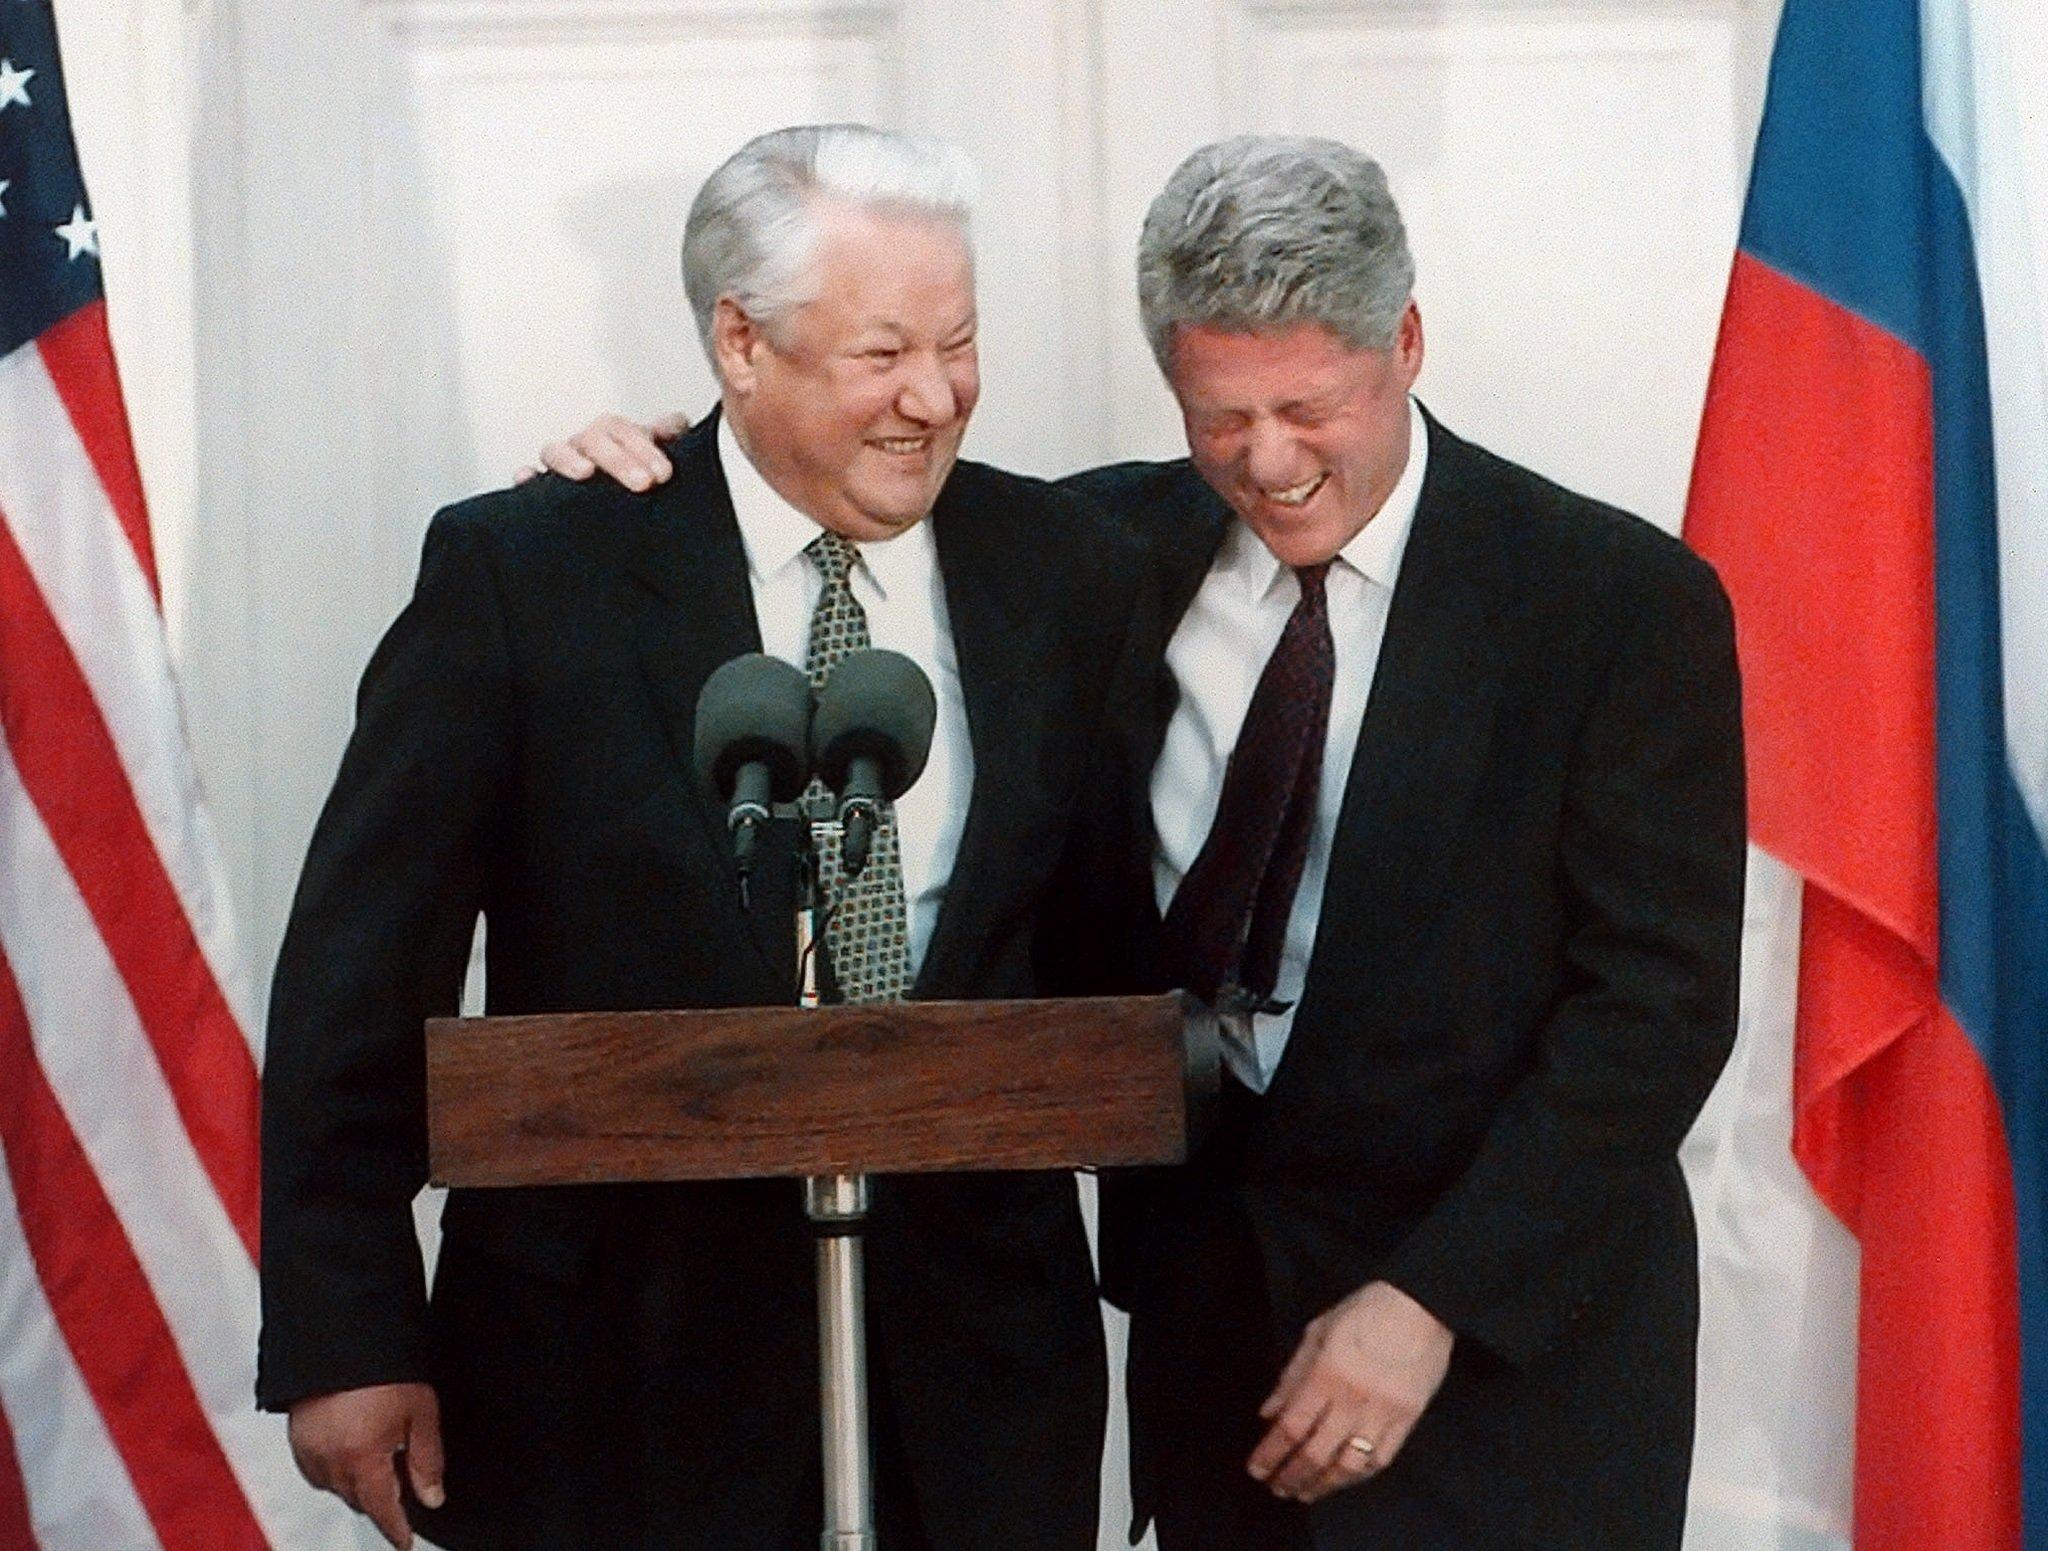 Le Président américain Bill Clinton avec le Président russe Boris Eltsine, octobre 1995